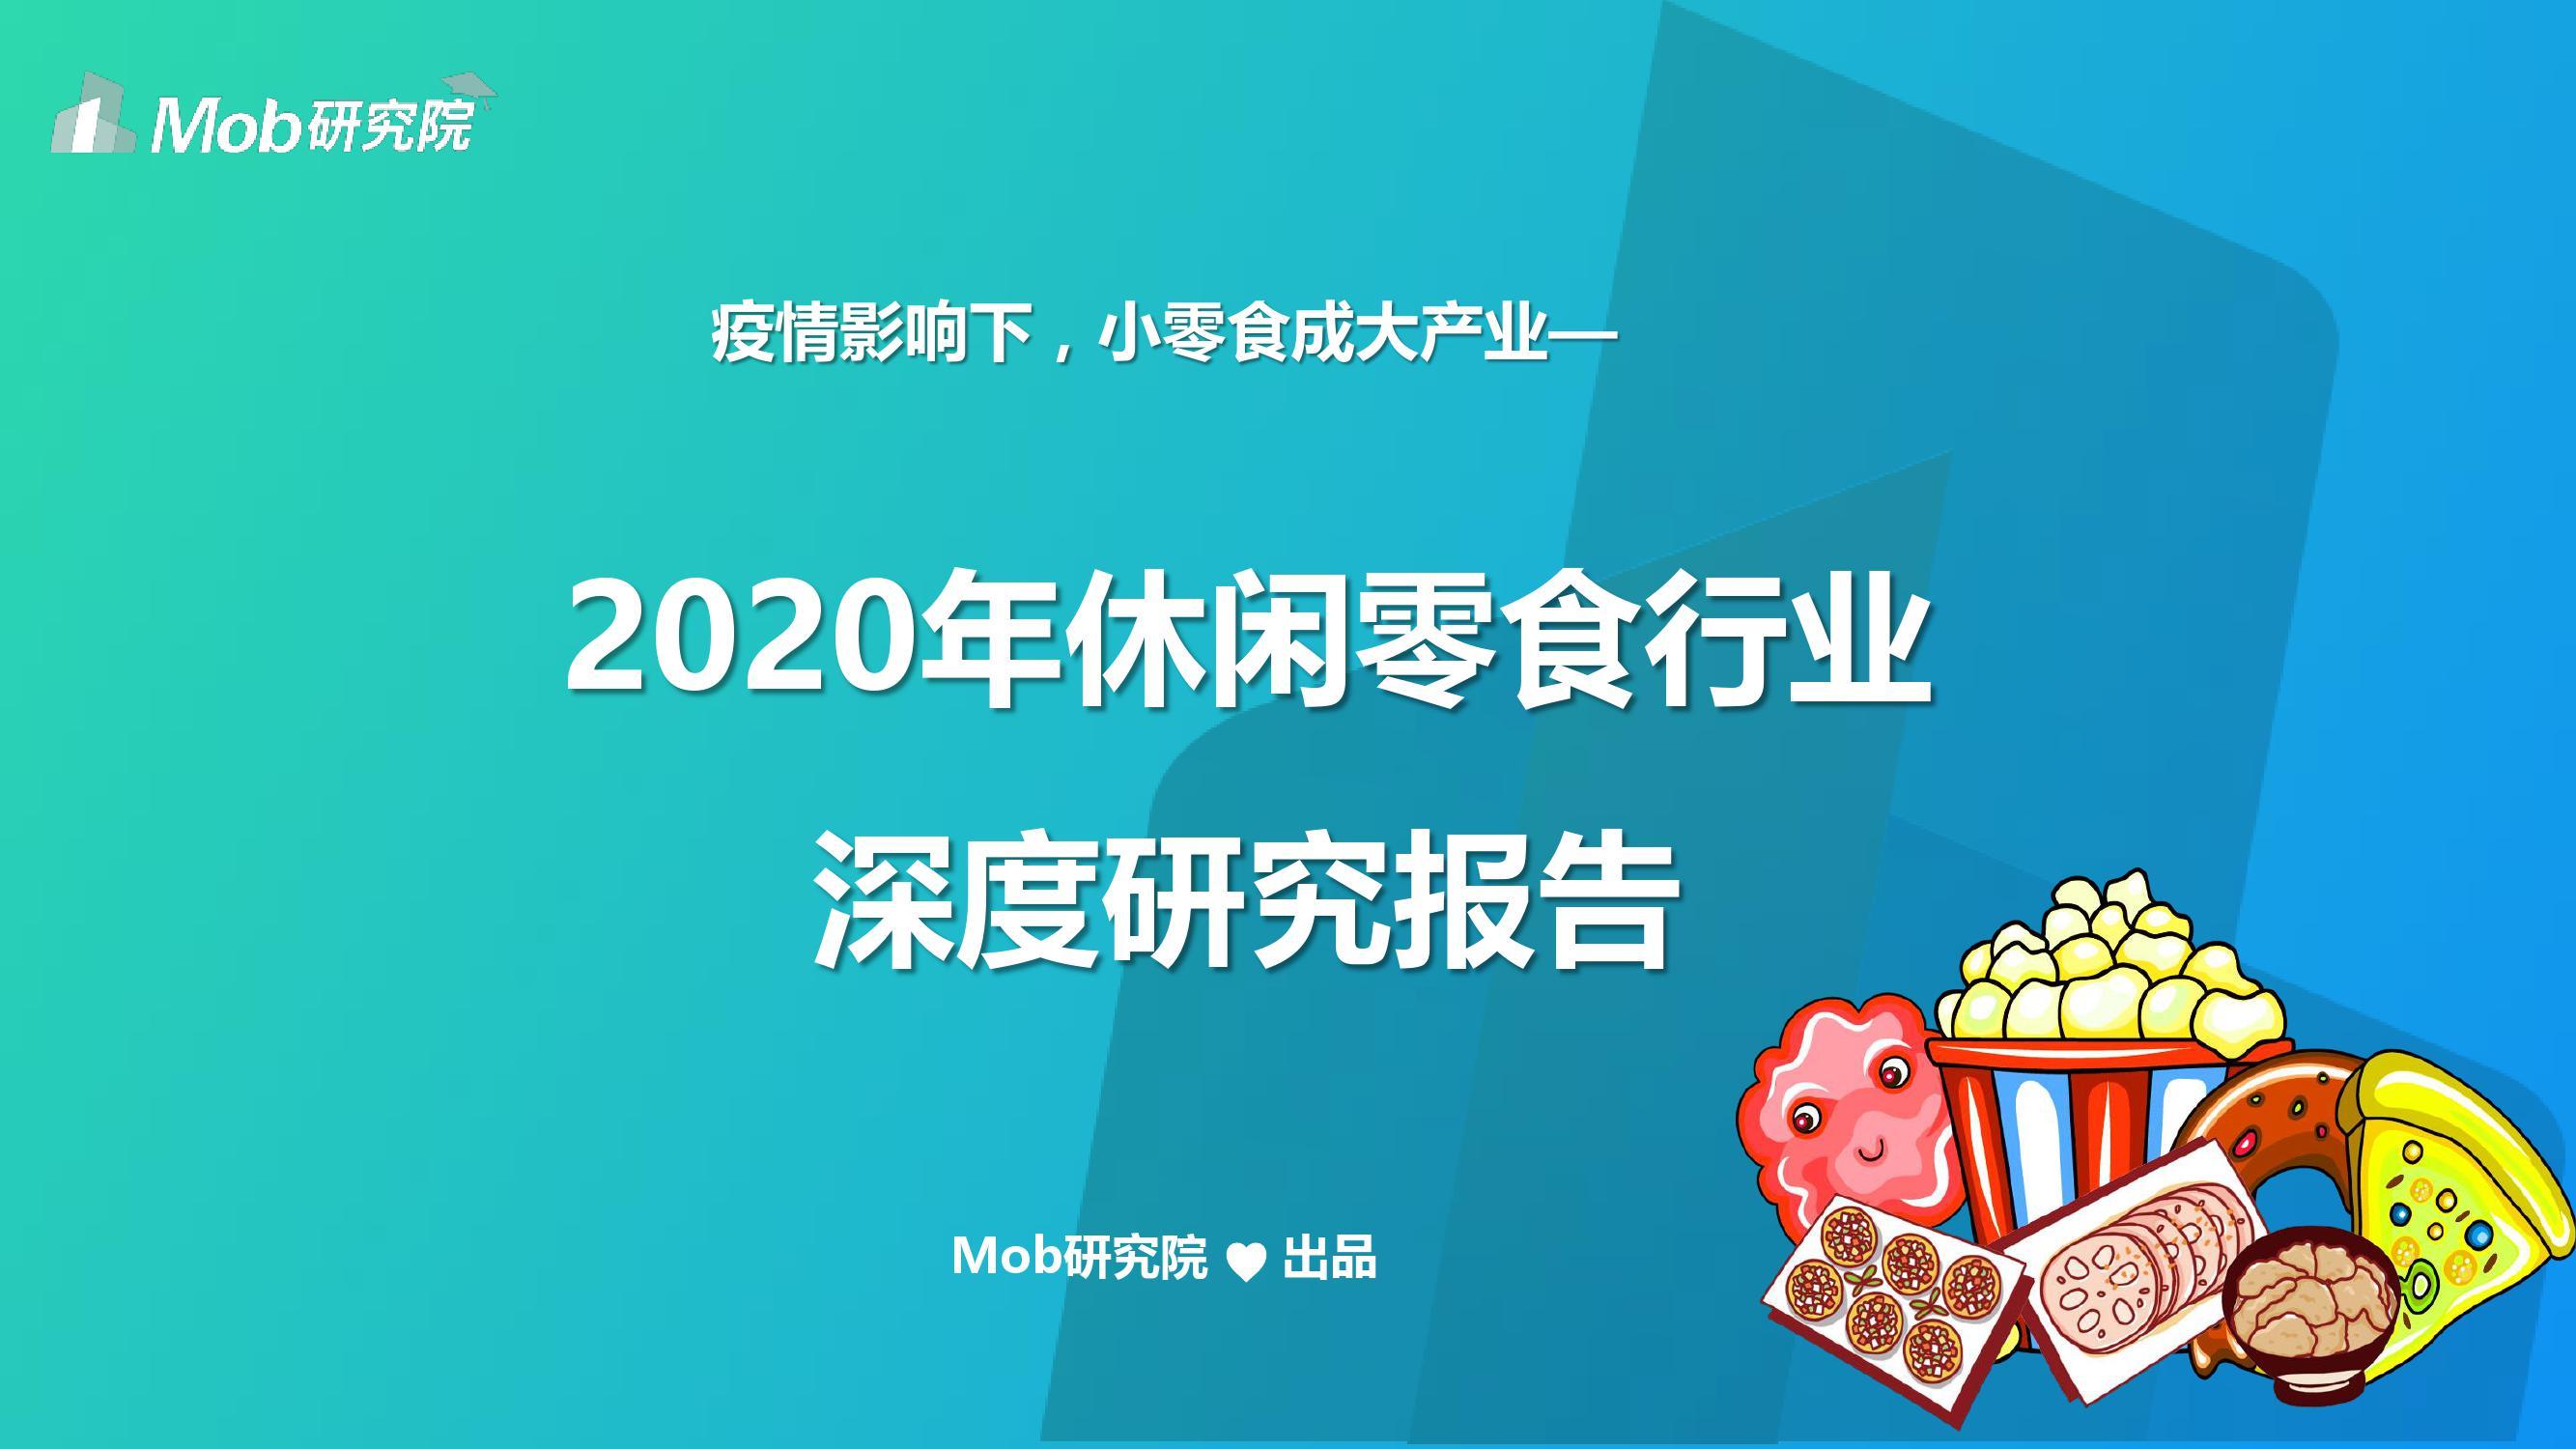 Mob研究院:2020年休闲零食行业深度研究报告(附下载)